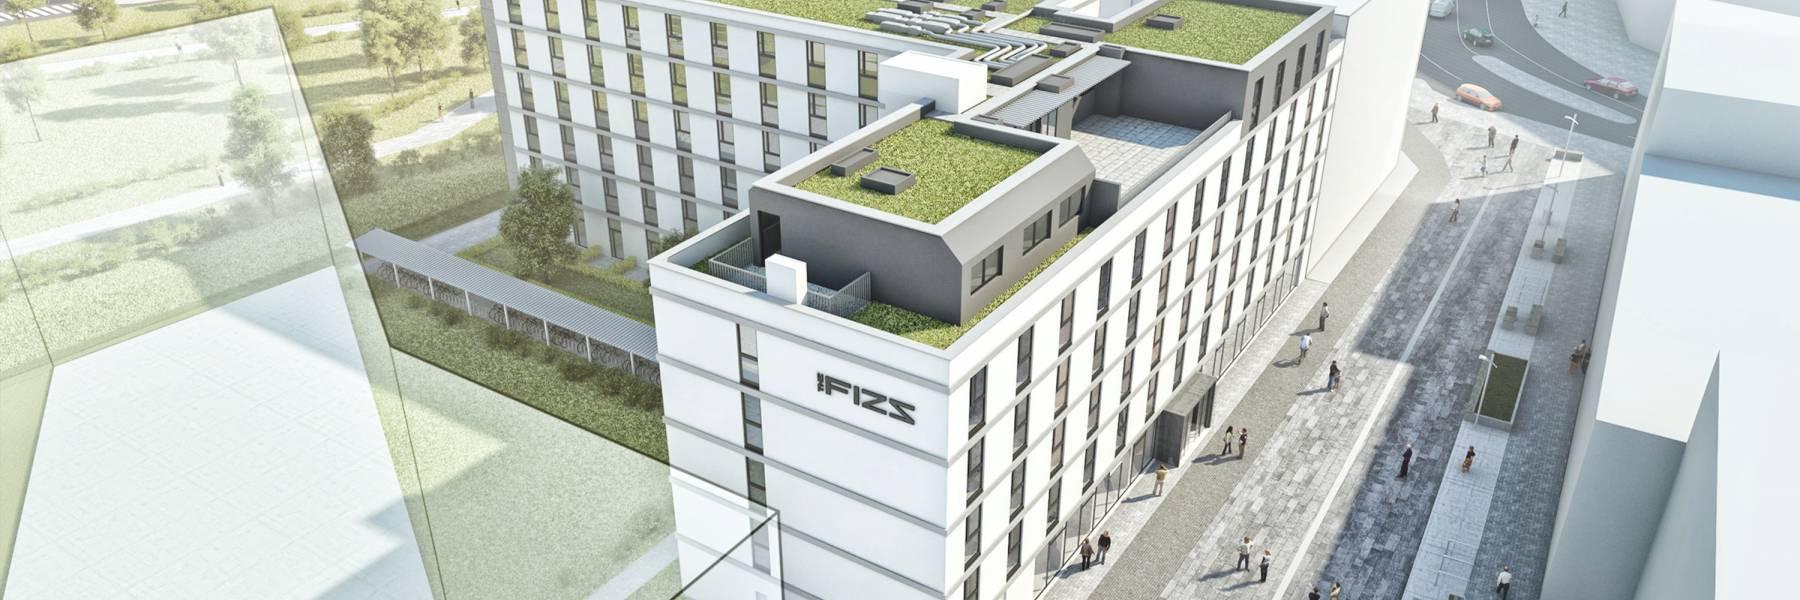 FIZZ Studentenheim Wien (Visualisierung des Architekten)